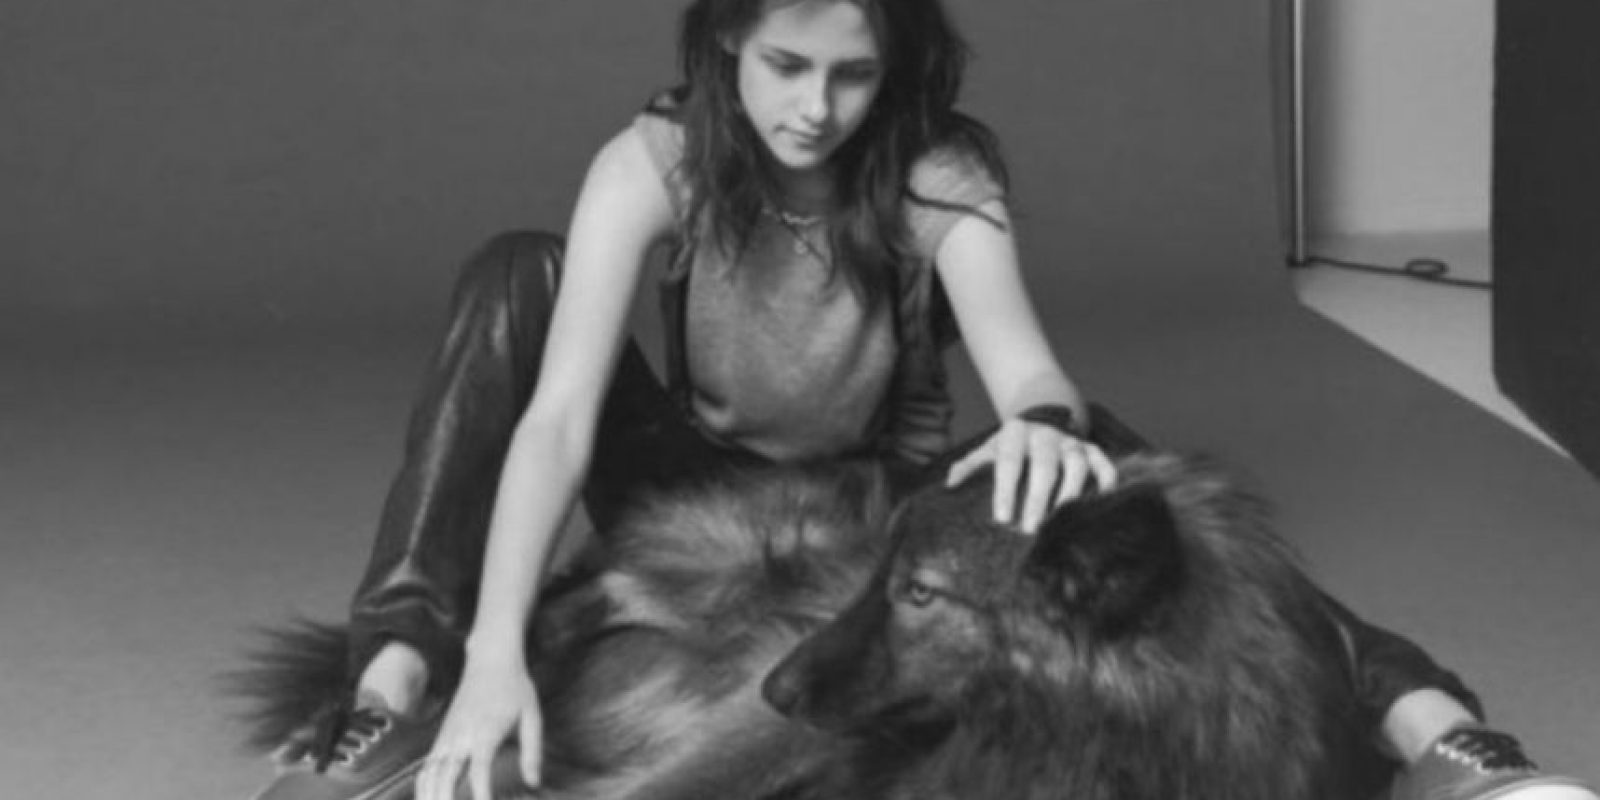 Kristen tiene una mascota que es una mezcla de perro y lobo. Foto:Vía Instagram